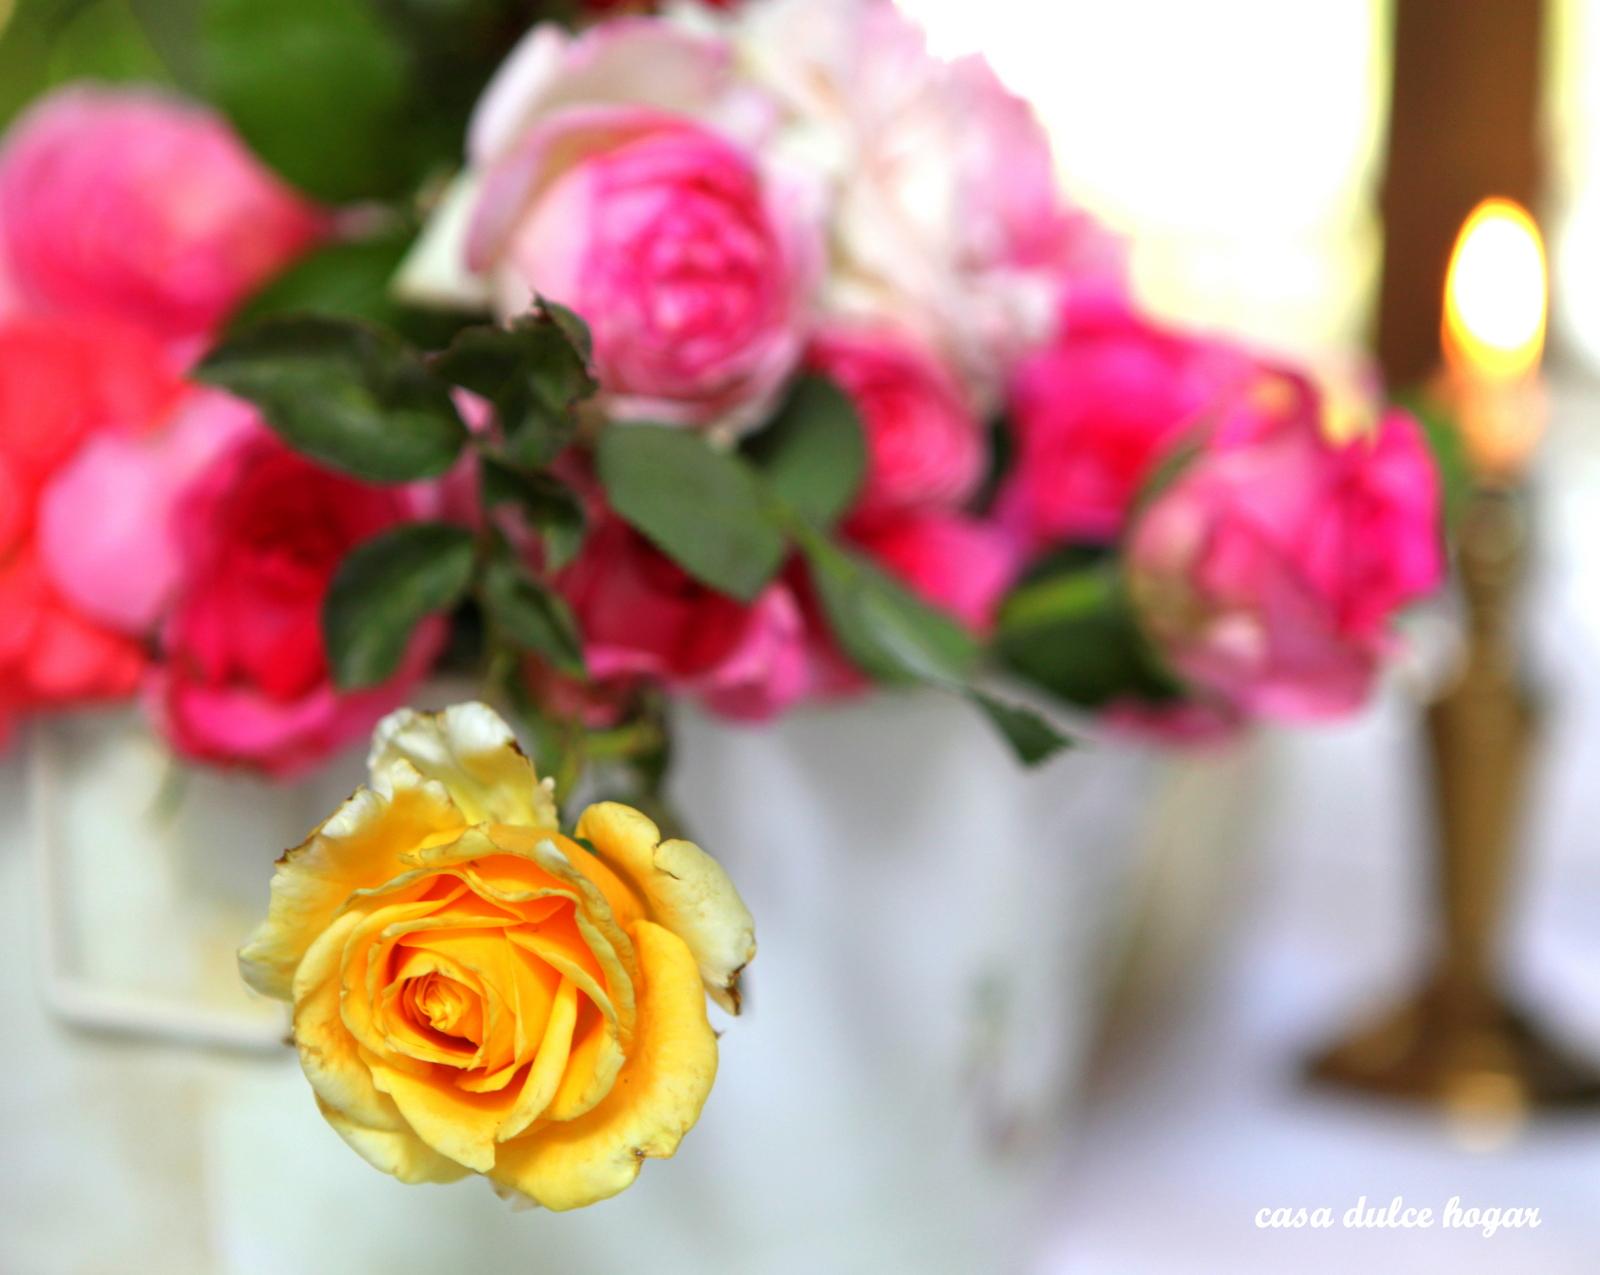 Enormes ramos de flores La nueva obsesión de las